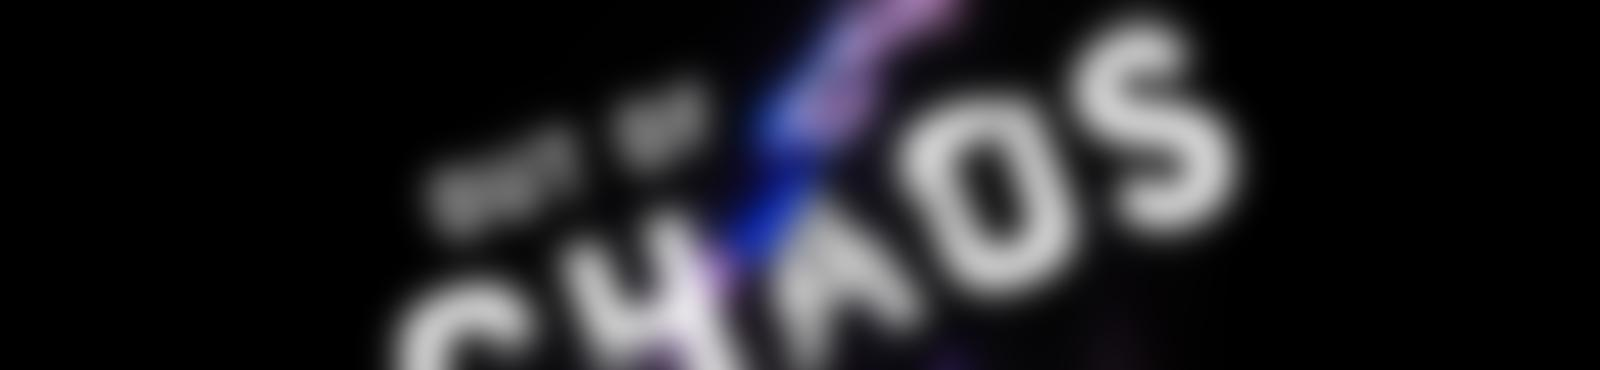 Blurred d3cc34b3 abfc 44cc 9152 0c0d6fe3c162